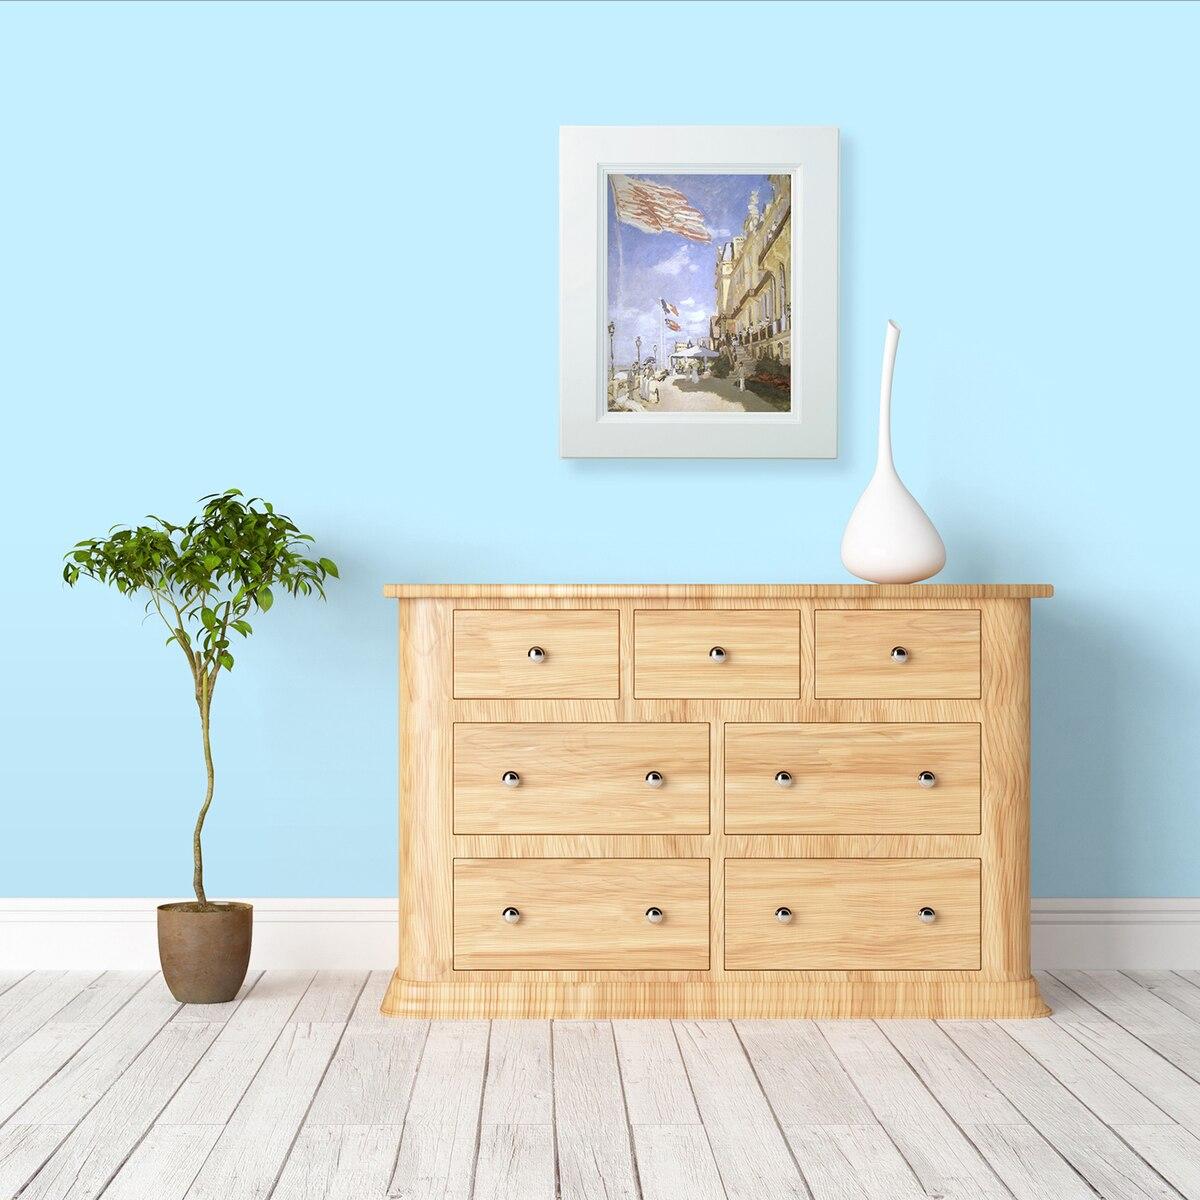 ラーソン・ジュール 油絵用額縁 A263 F10 ホワイト